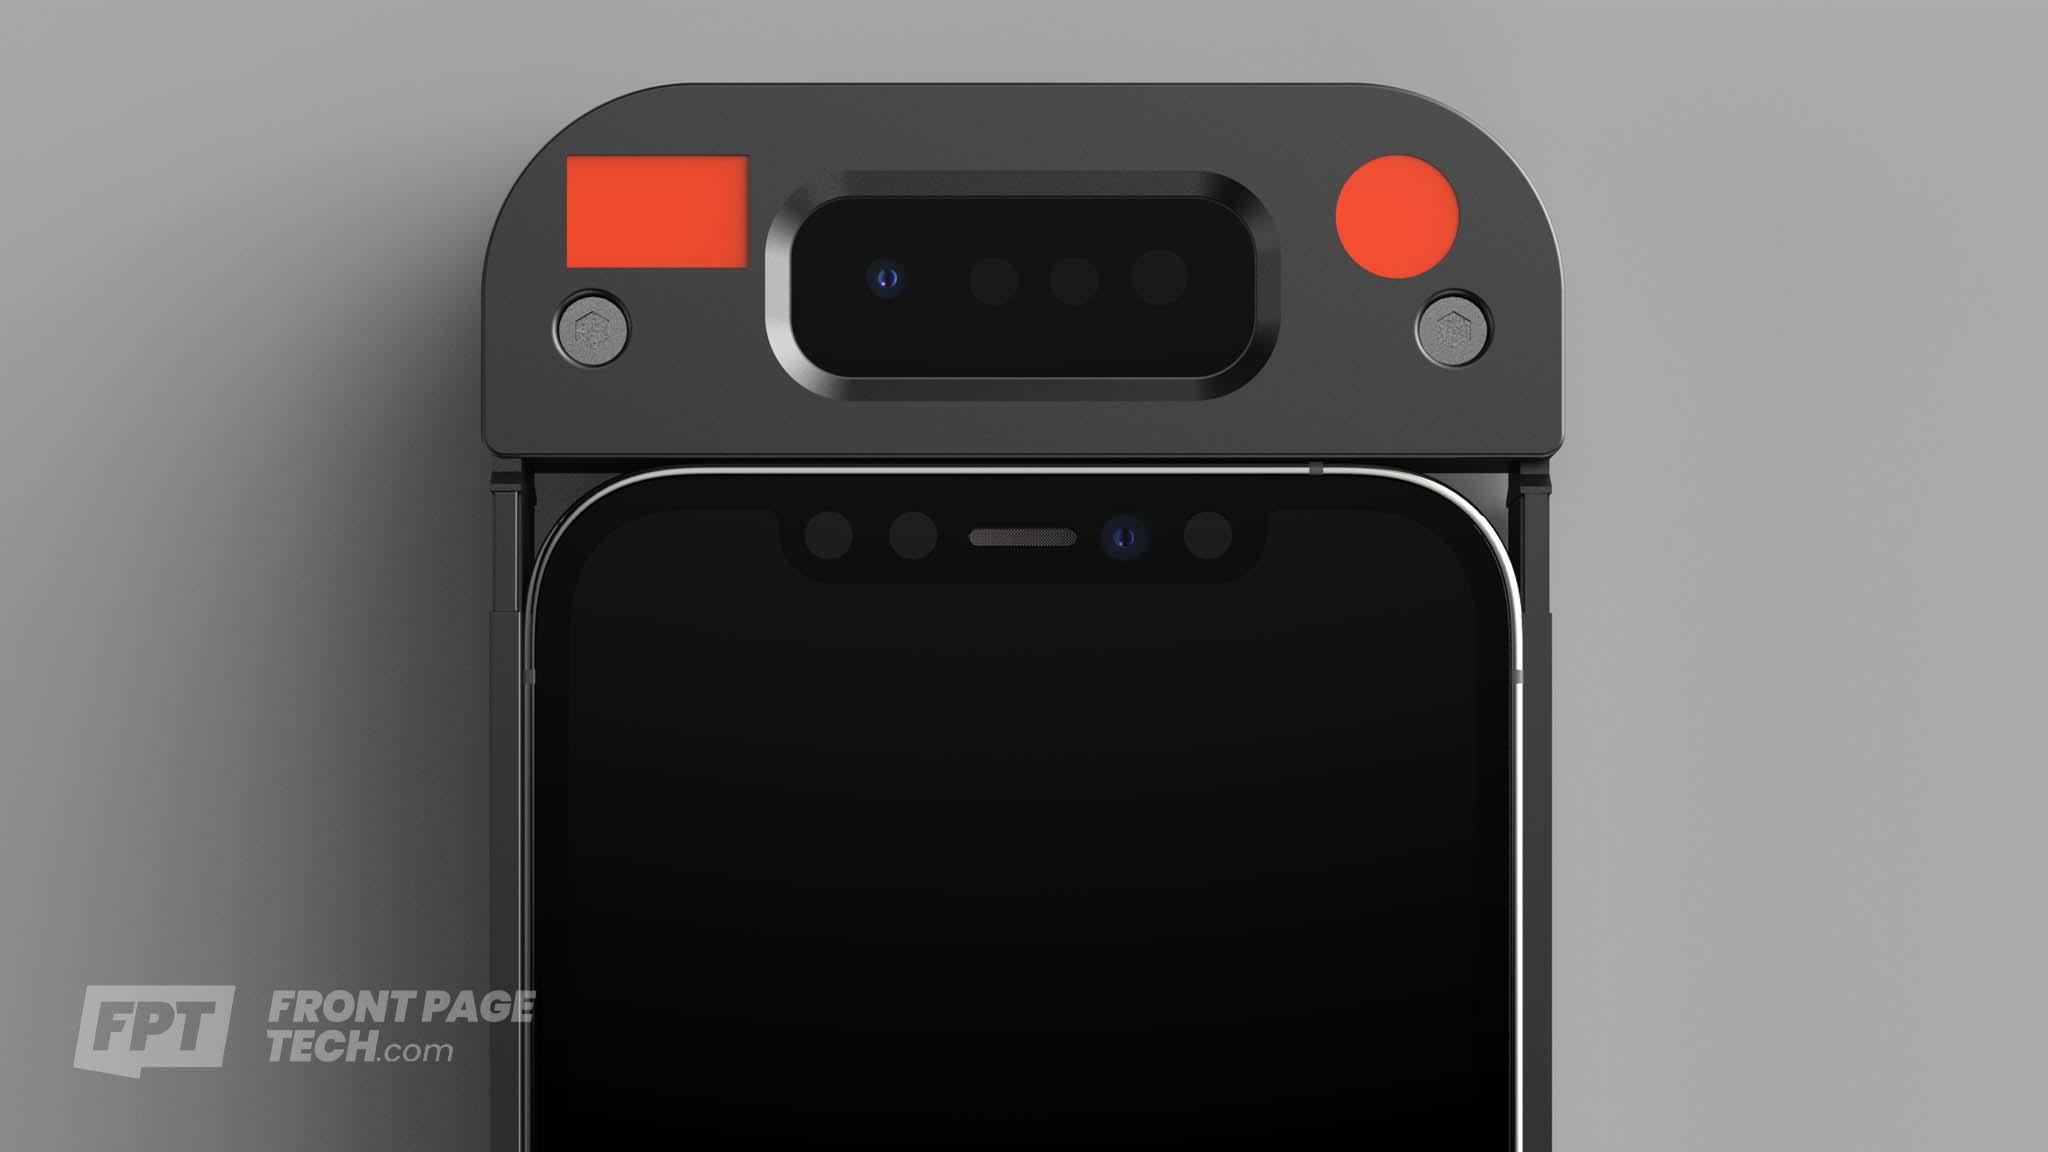 Nuevo juego de sensores TrueDepth situados en una funda para poder probarlos en modelos de iPhone anteriores